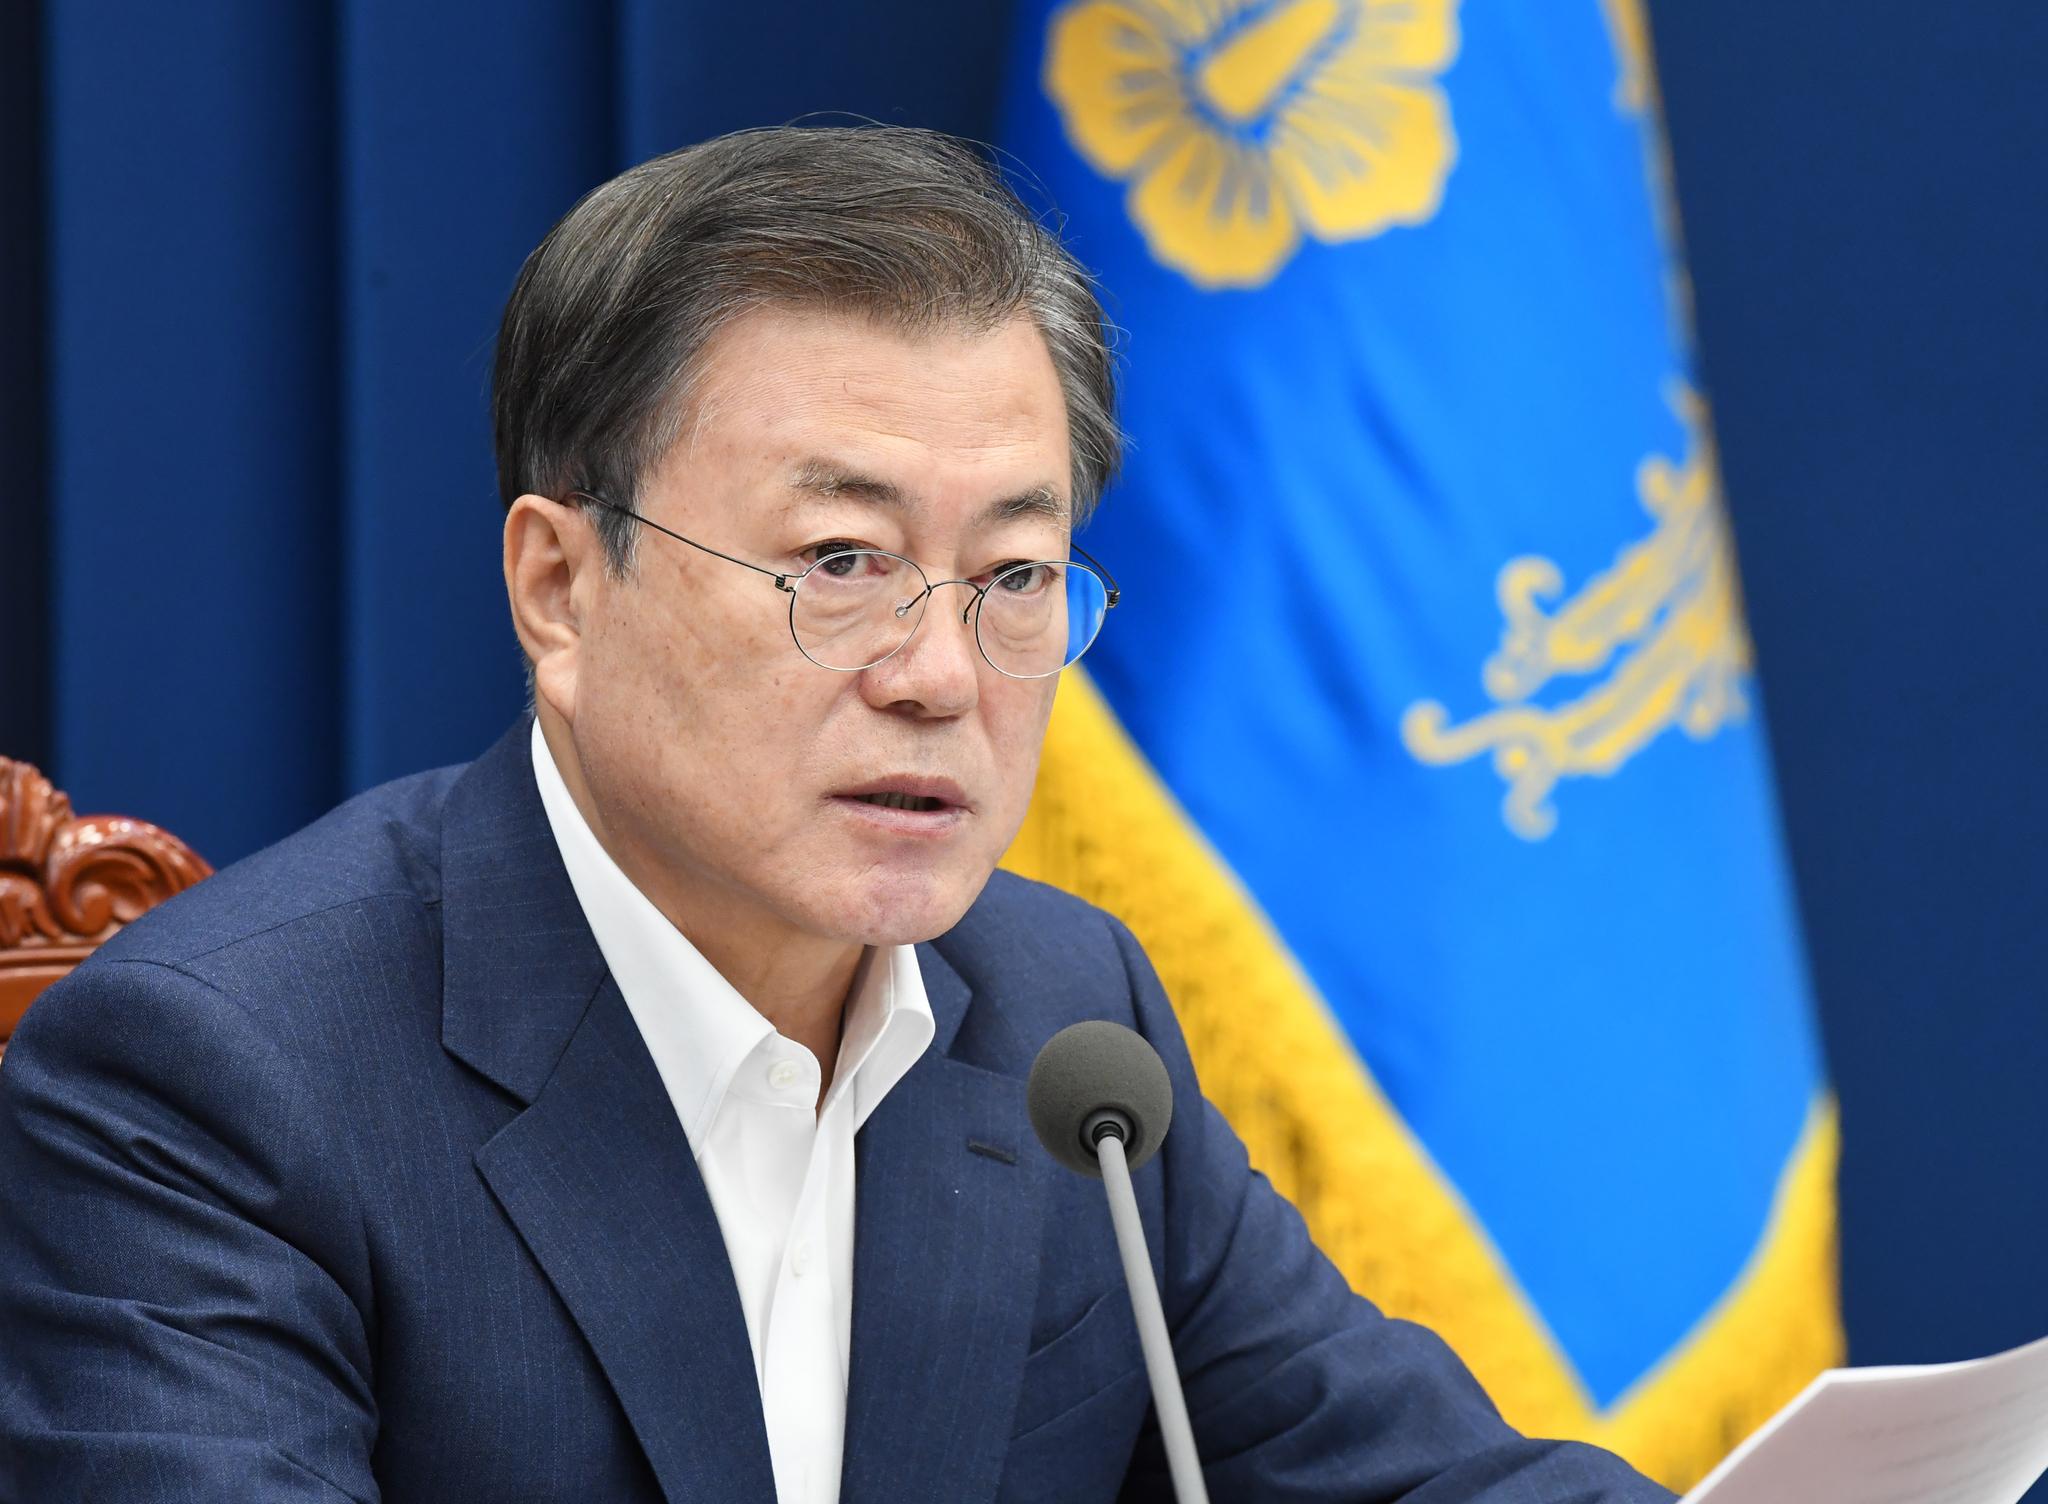 지난 2일 청와대 여민관에서 열린 화상 국무회의에서 모두발언을 하고 있는 문재인 대통령. 청와대사진기자단